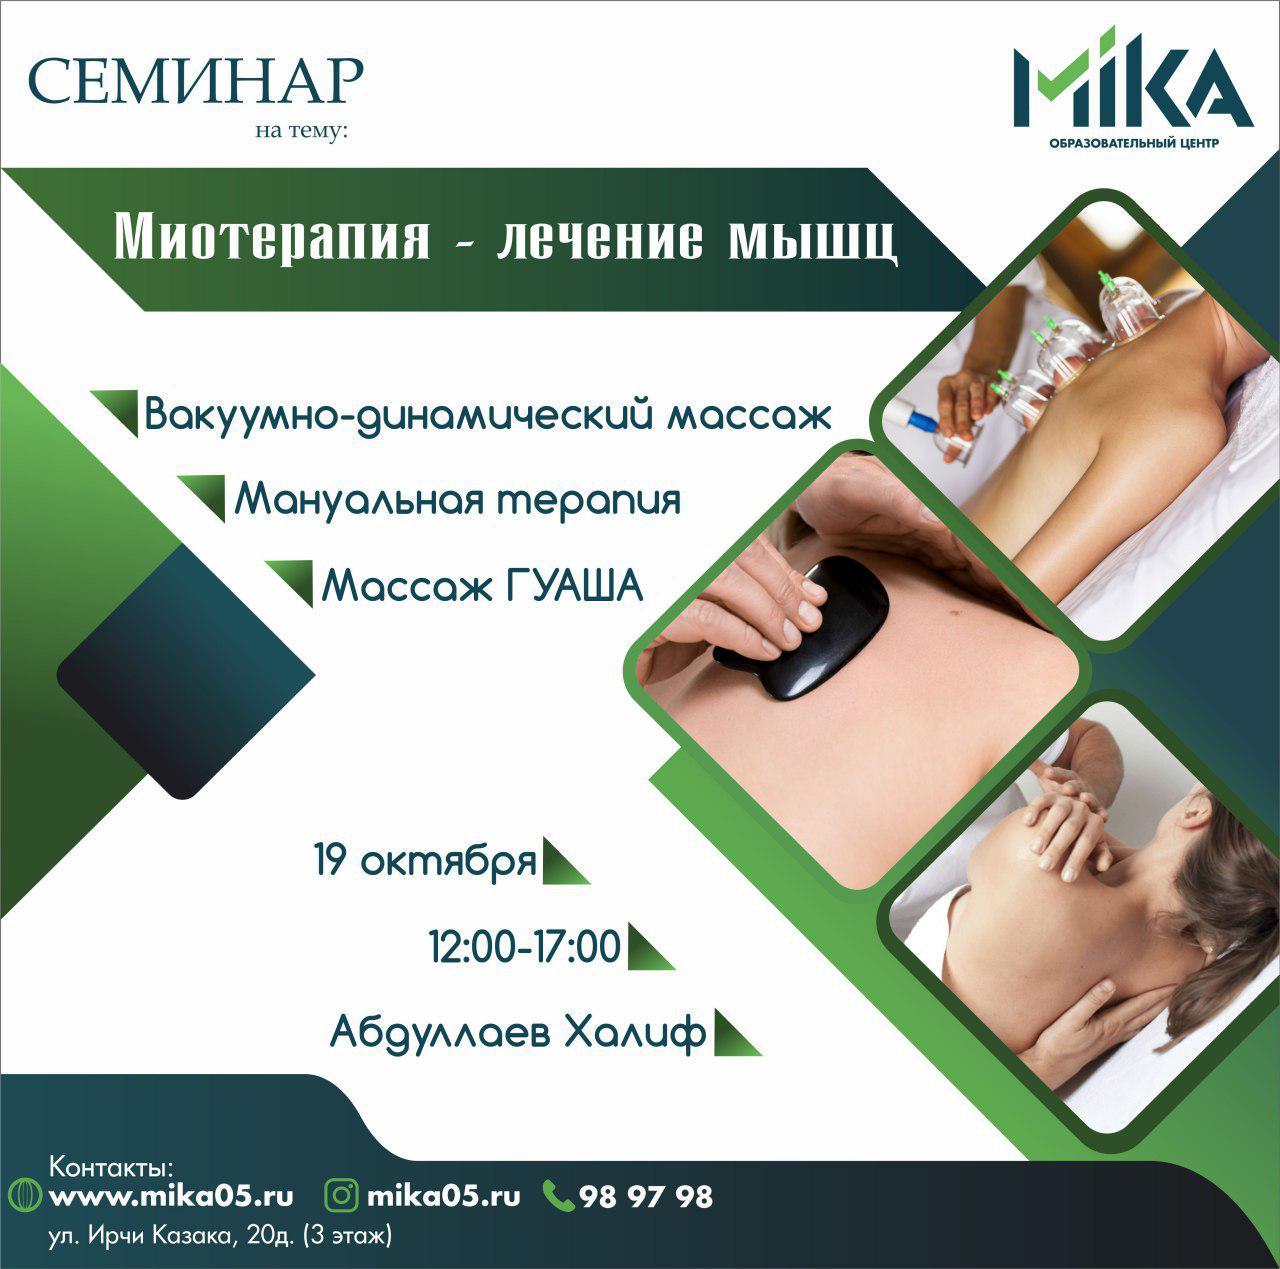 Семинар на тему: «Миотерапия - лечение мышц»